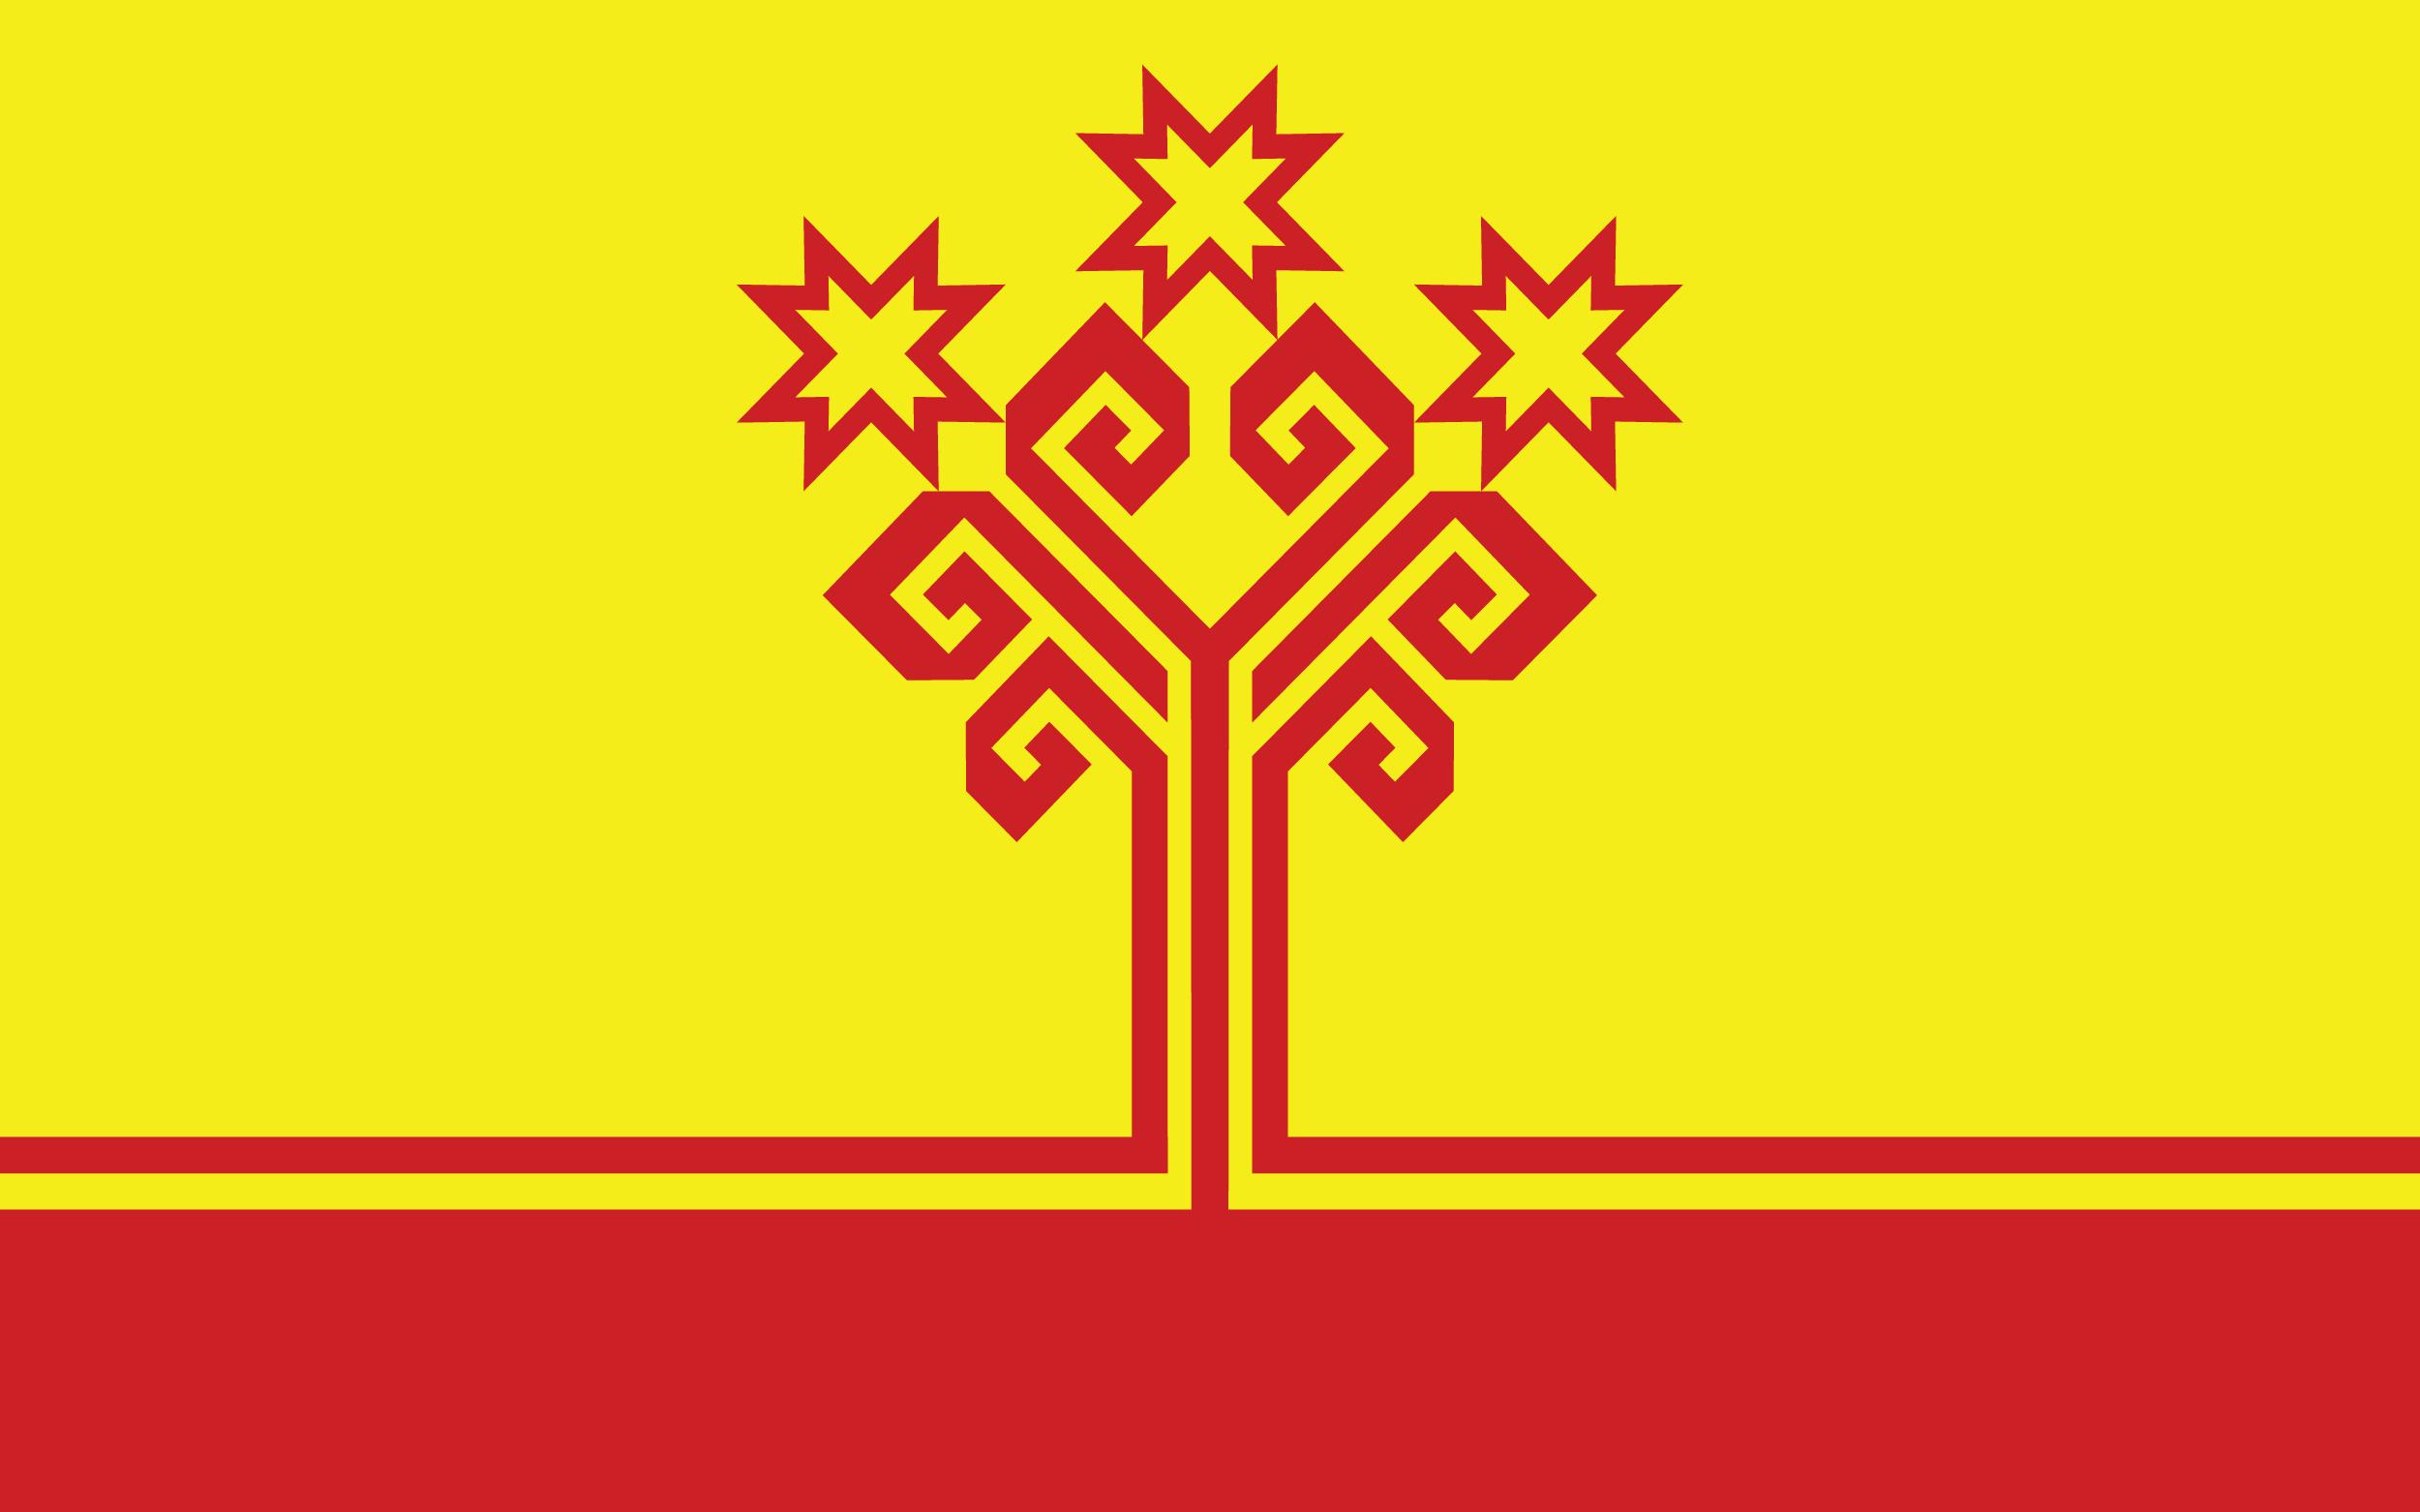 флаг Республики Чувашия